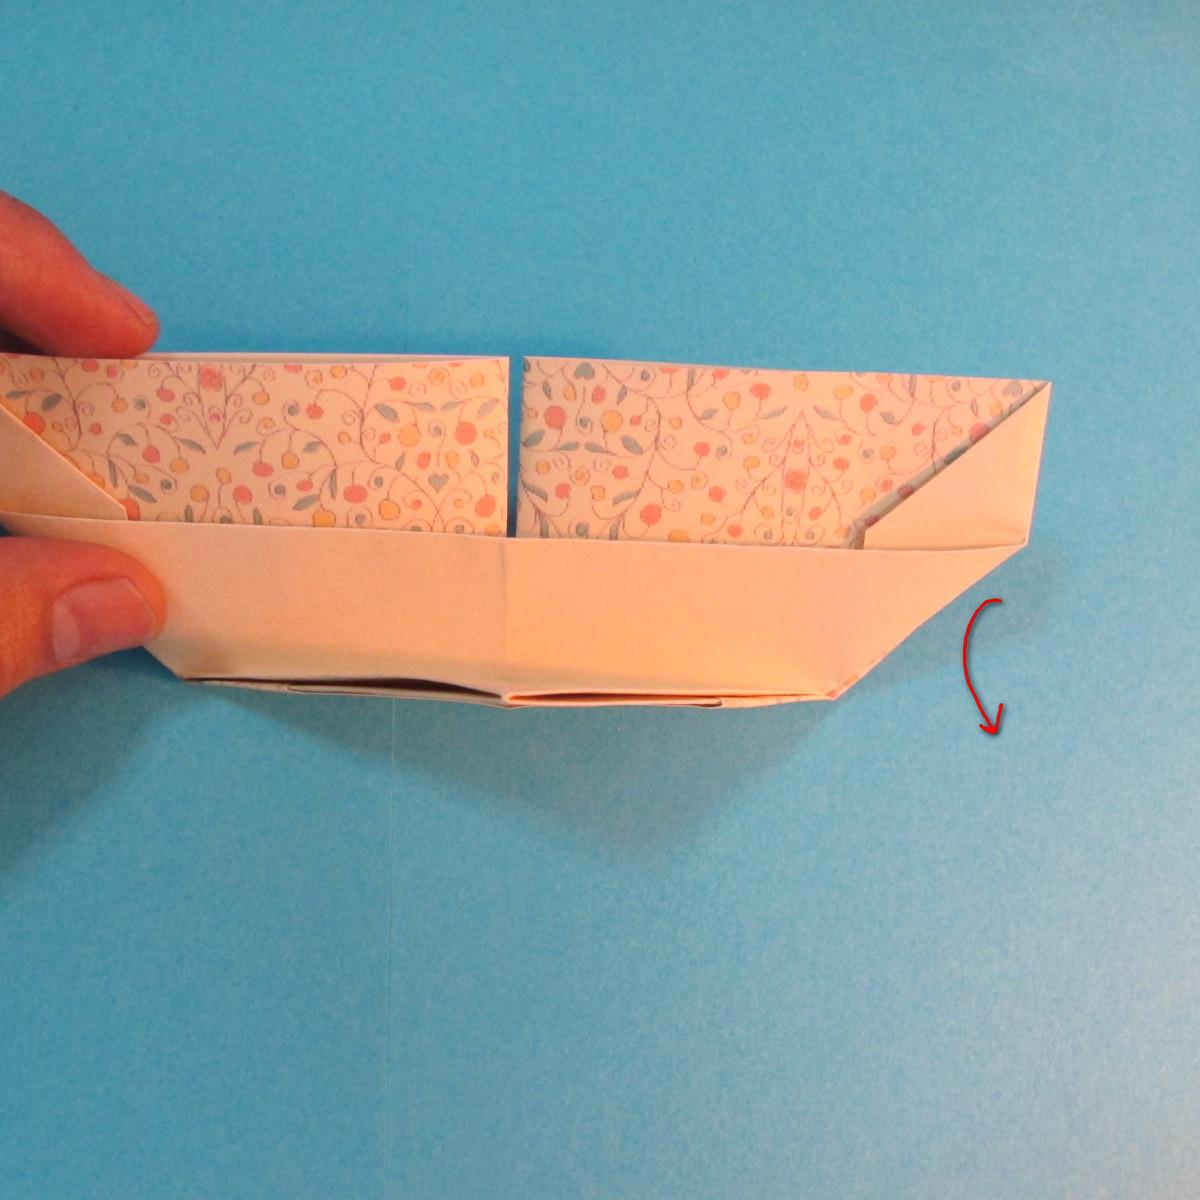 วิธีพับกระดาษเป็นผีเสื้อหางแฉก 026